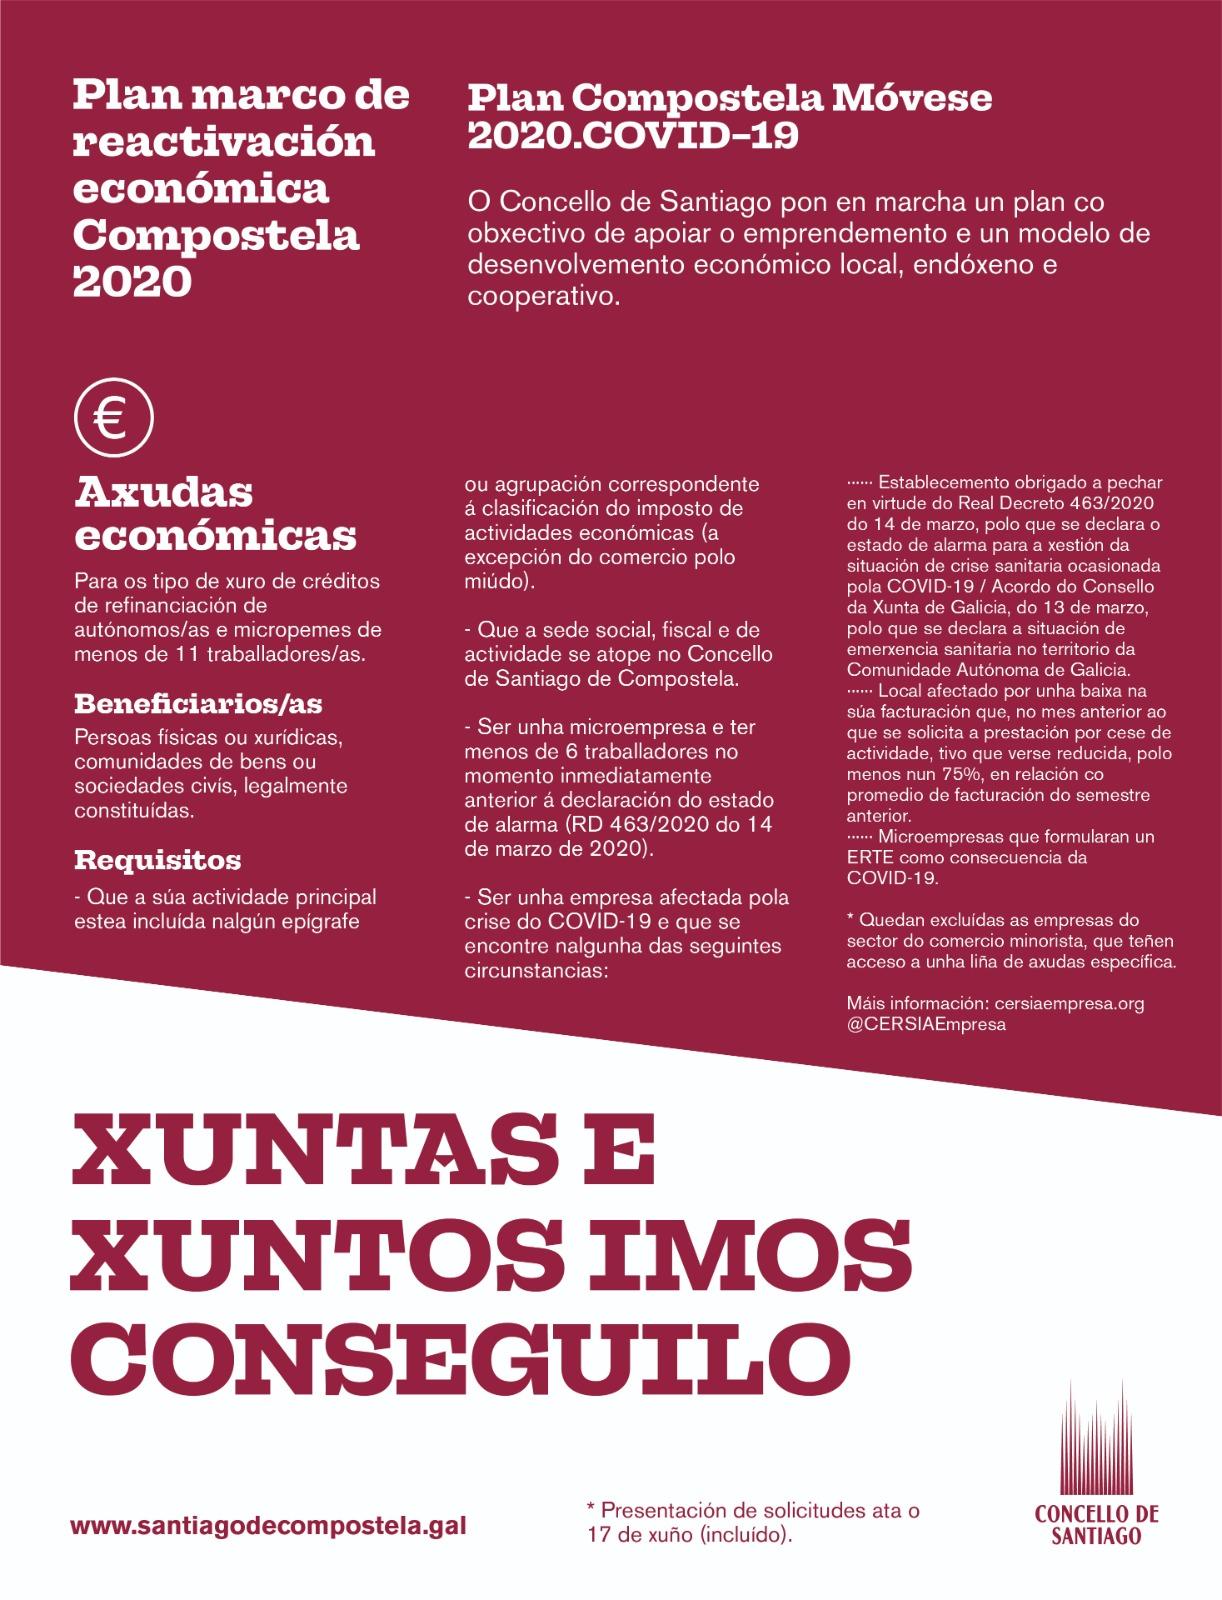 Plan Marco de Reactivación Económica.